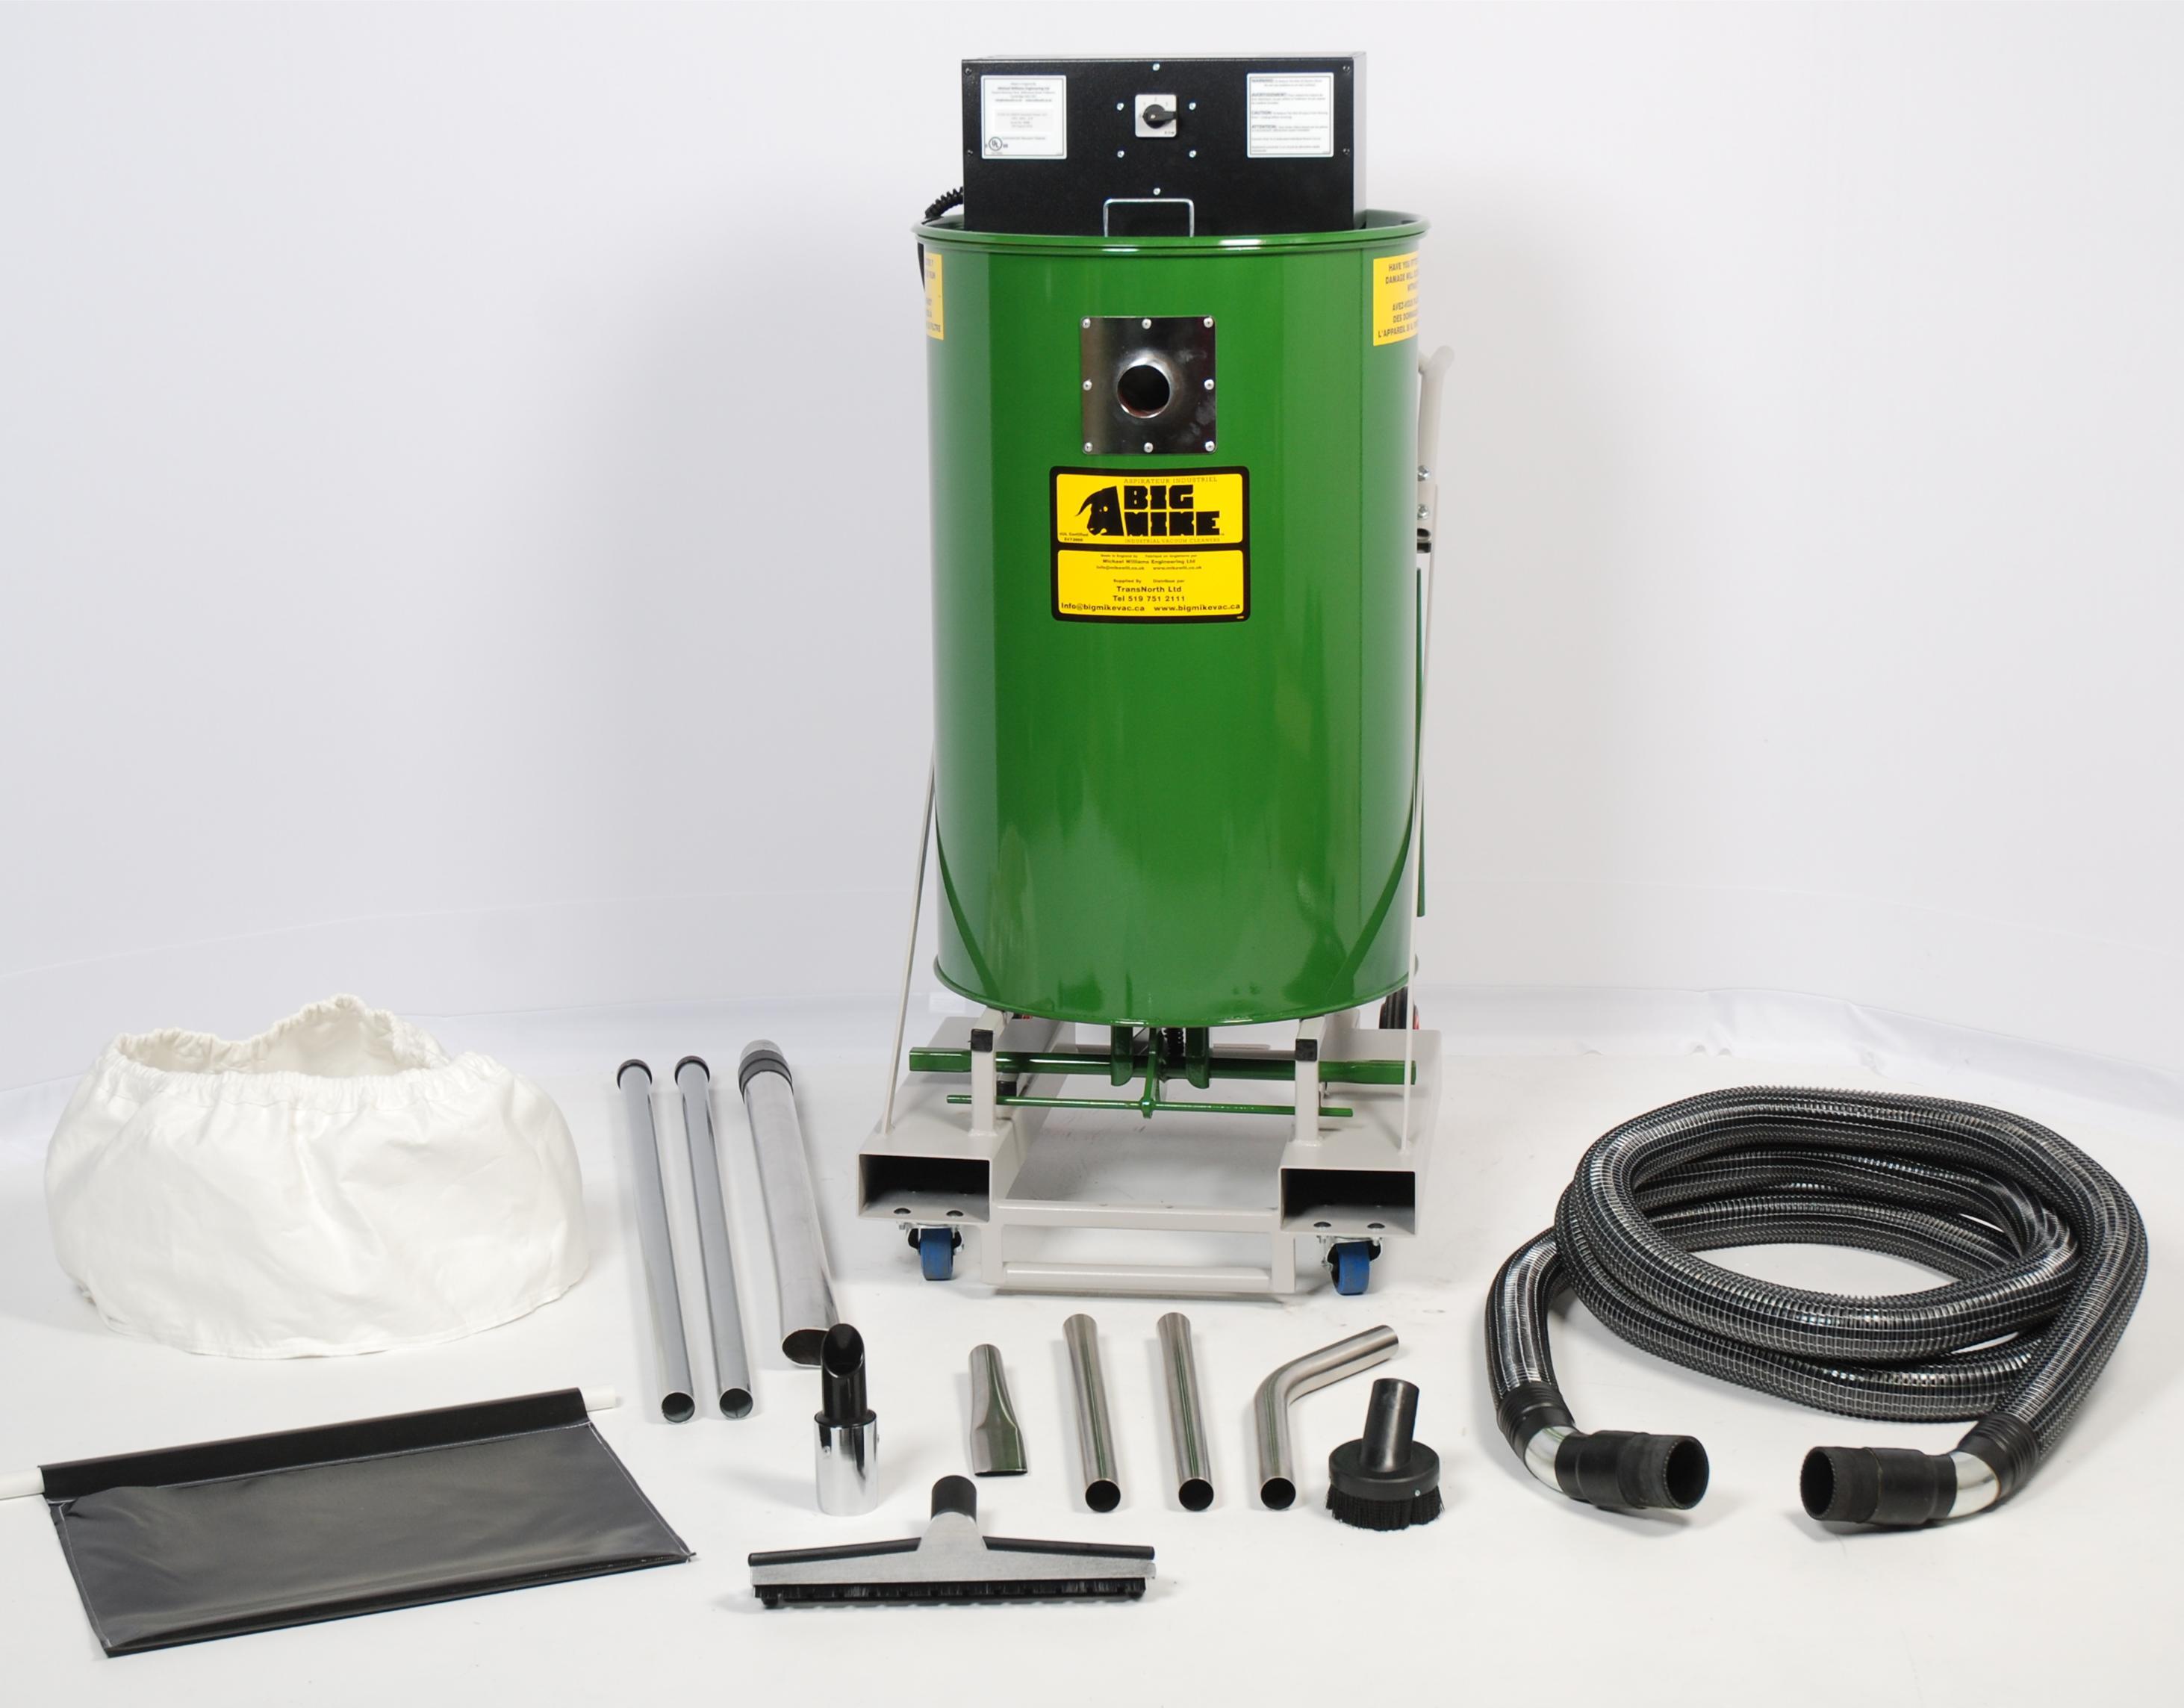 Suck & Dump Industrial Vacuum with Accessories